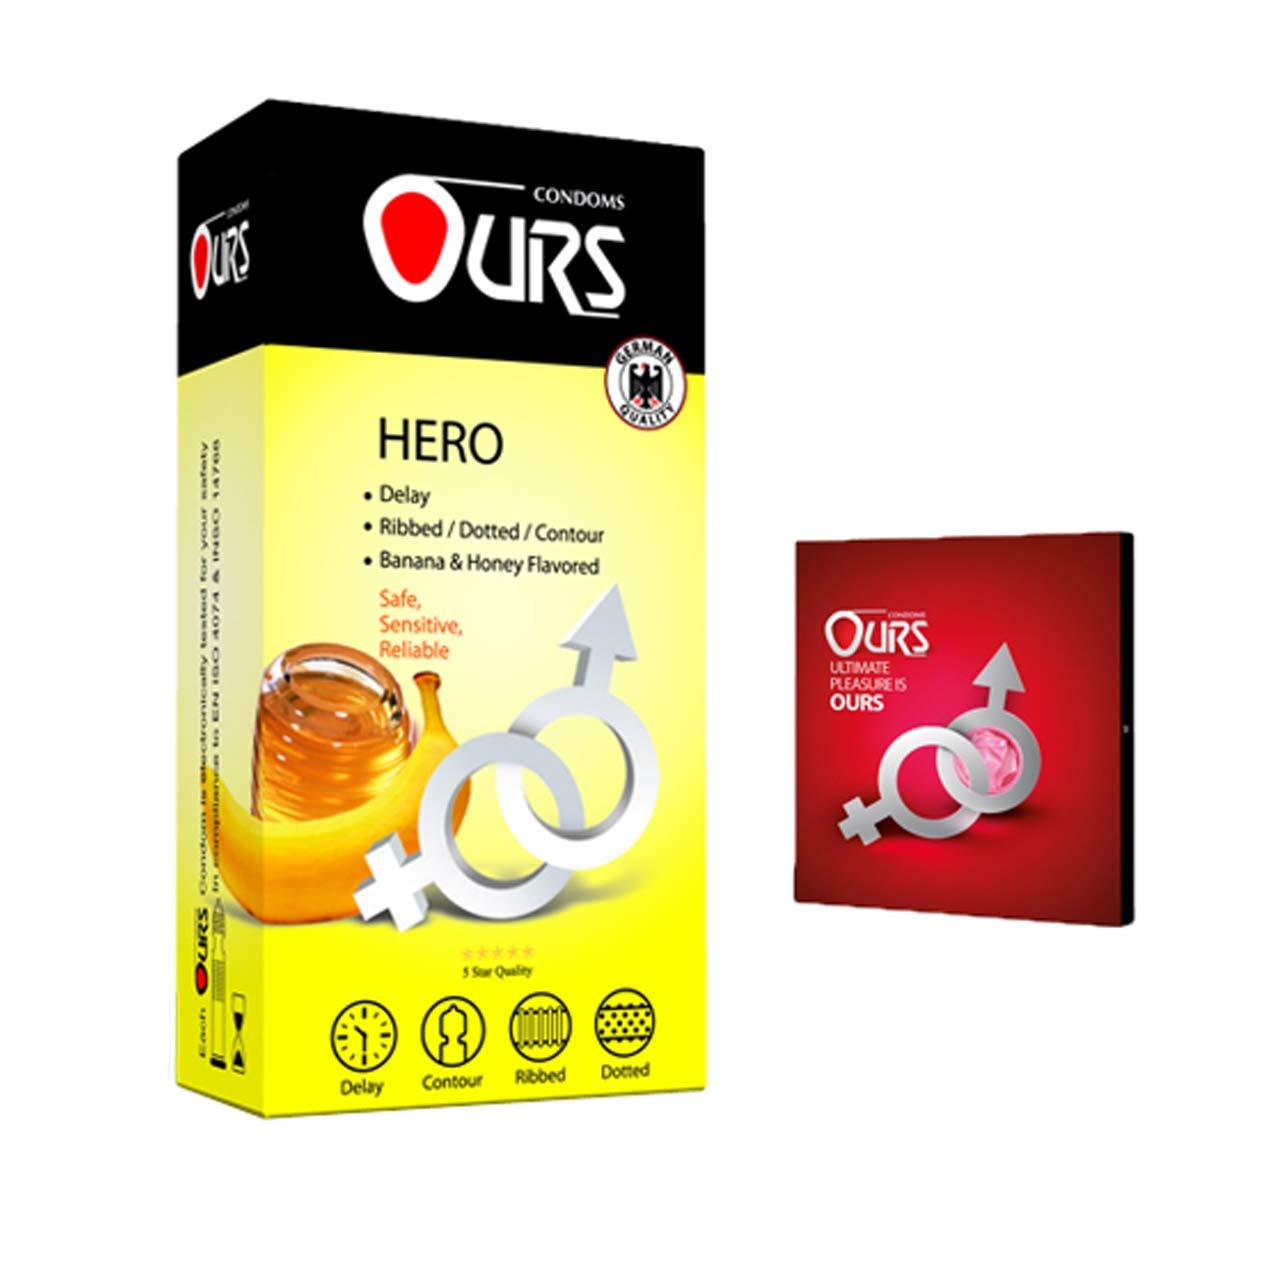 کاندو اورز مدل HERO بسته 12 عددی به همراه کاندوم مدل بلیسر